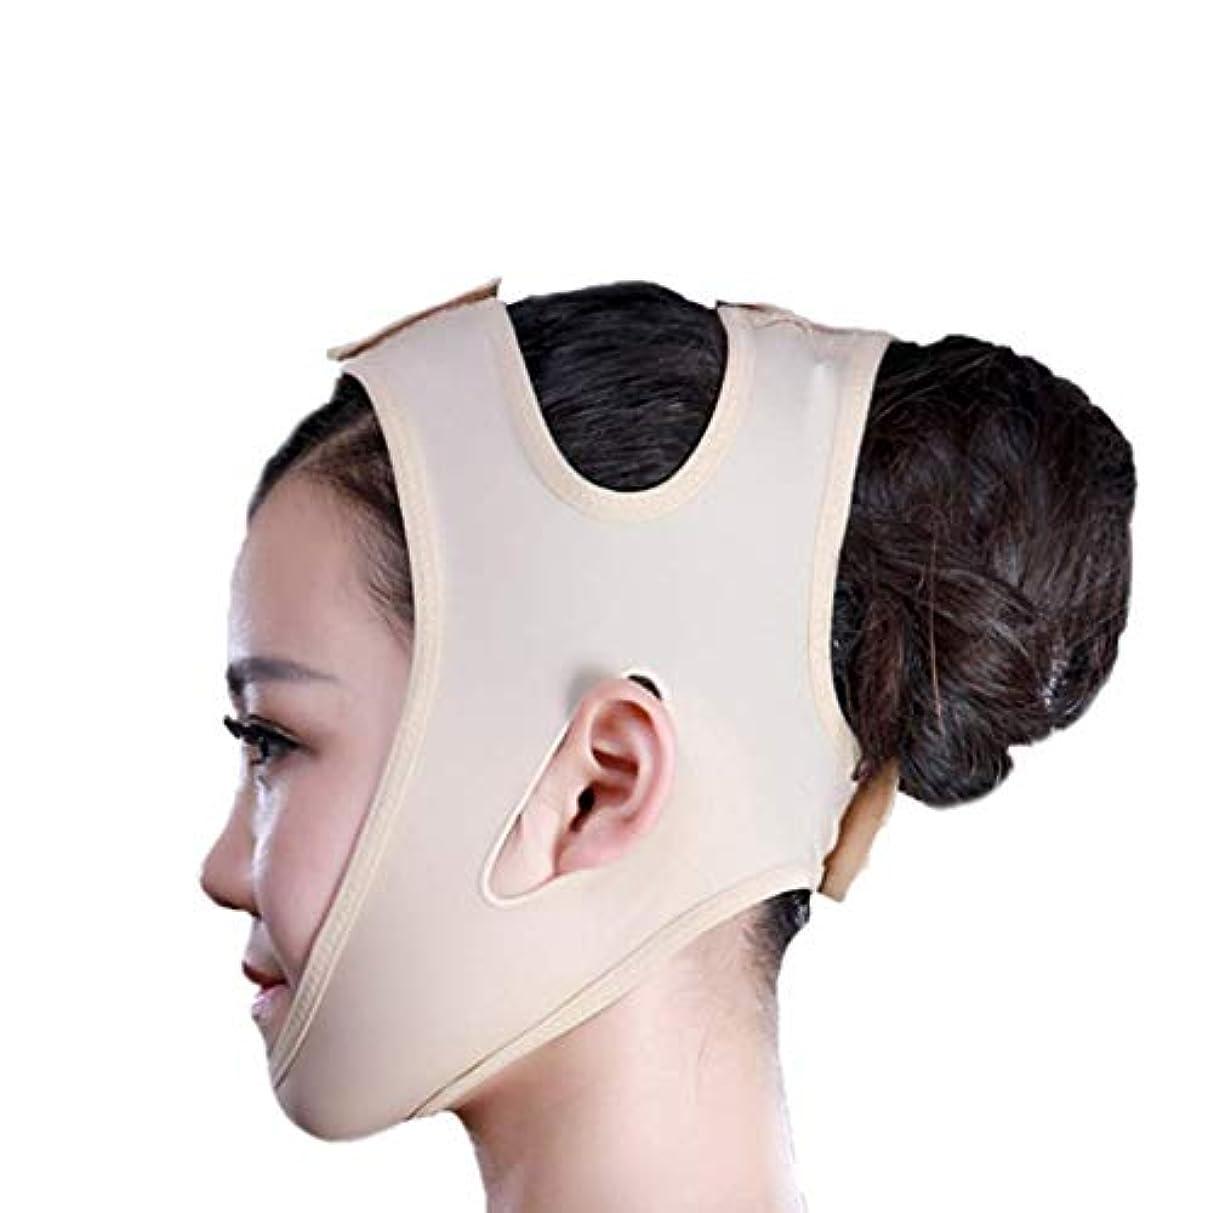 ほこりっぽい別にぼかすフェイススリミングマスク、快適さと通気性、フェイシャルリフティング、輪郭の改善された硬さ、ファーミングとリフティングフェイス(カラー:ブラック、サイズ:XL),黄色がかったピンク、XXL